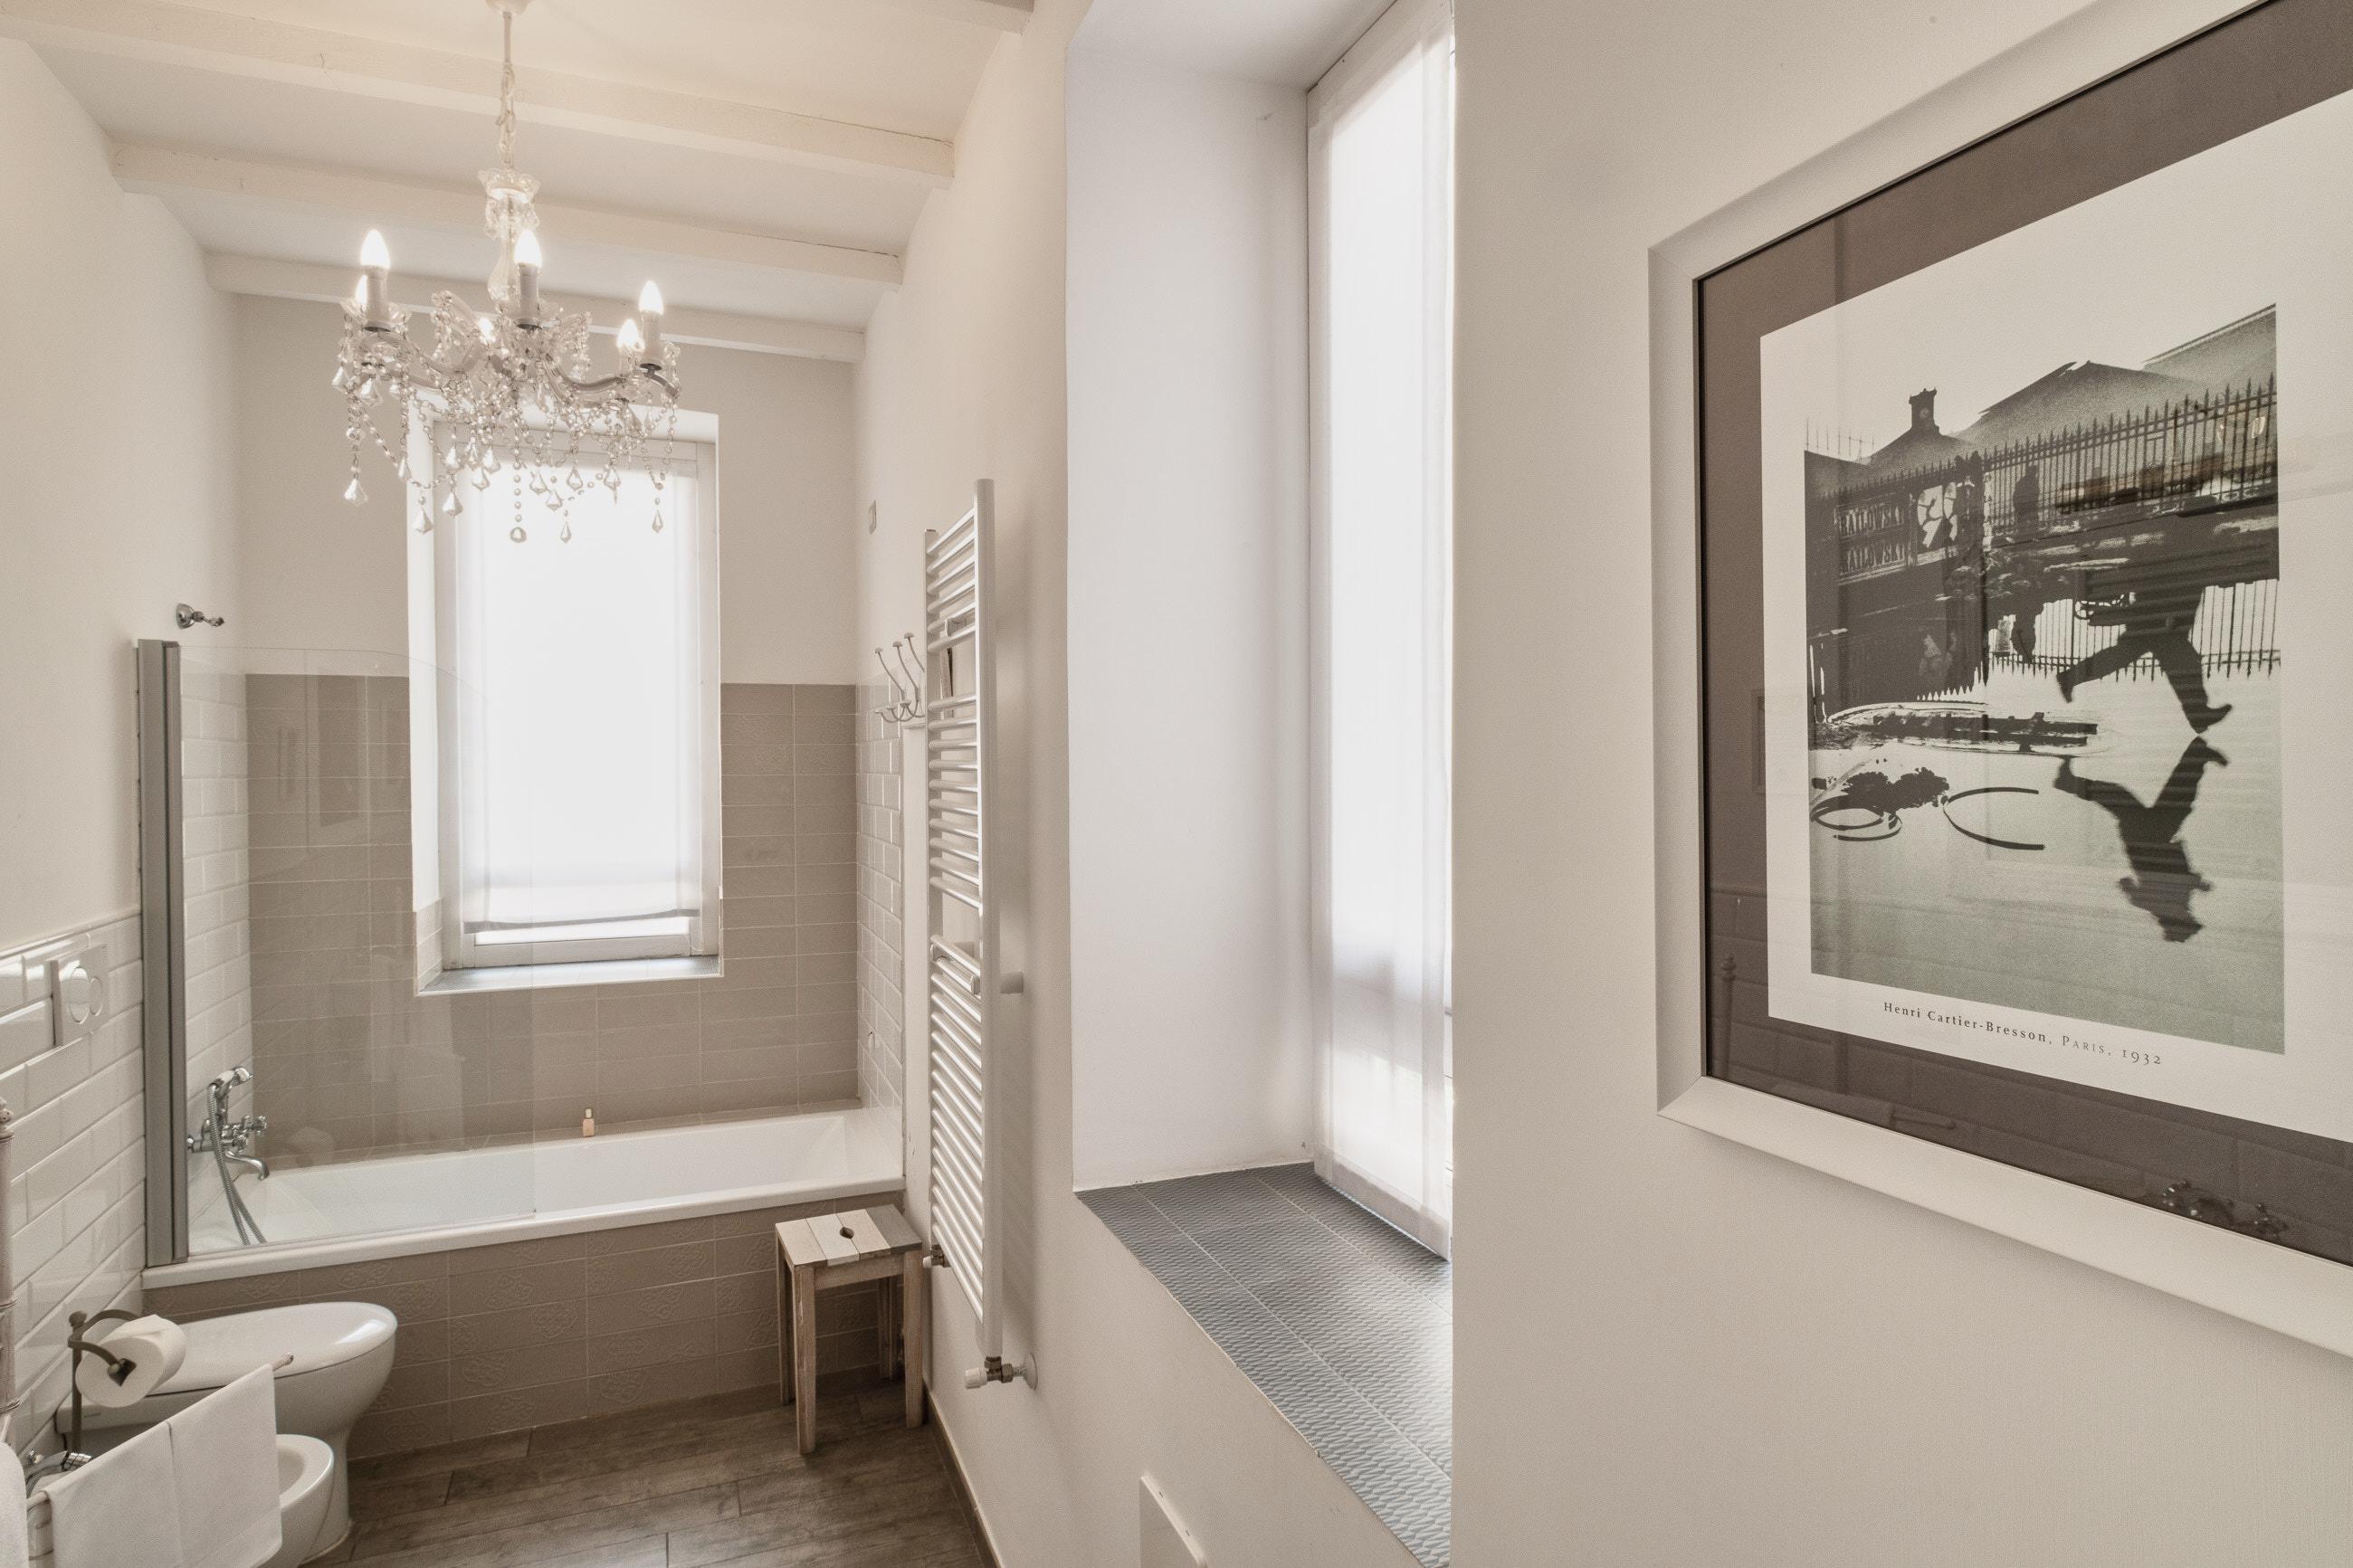 Henri Cartier Bresson - bagno - particolari